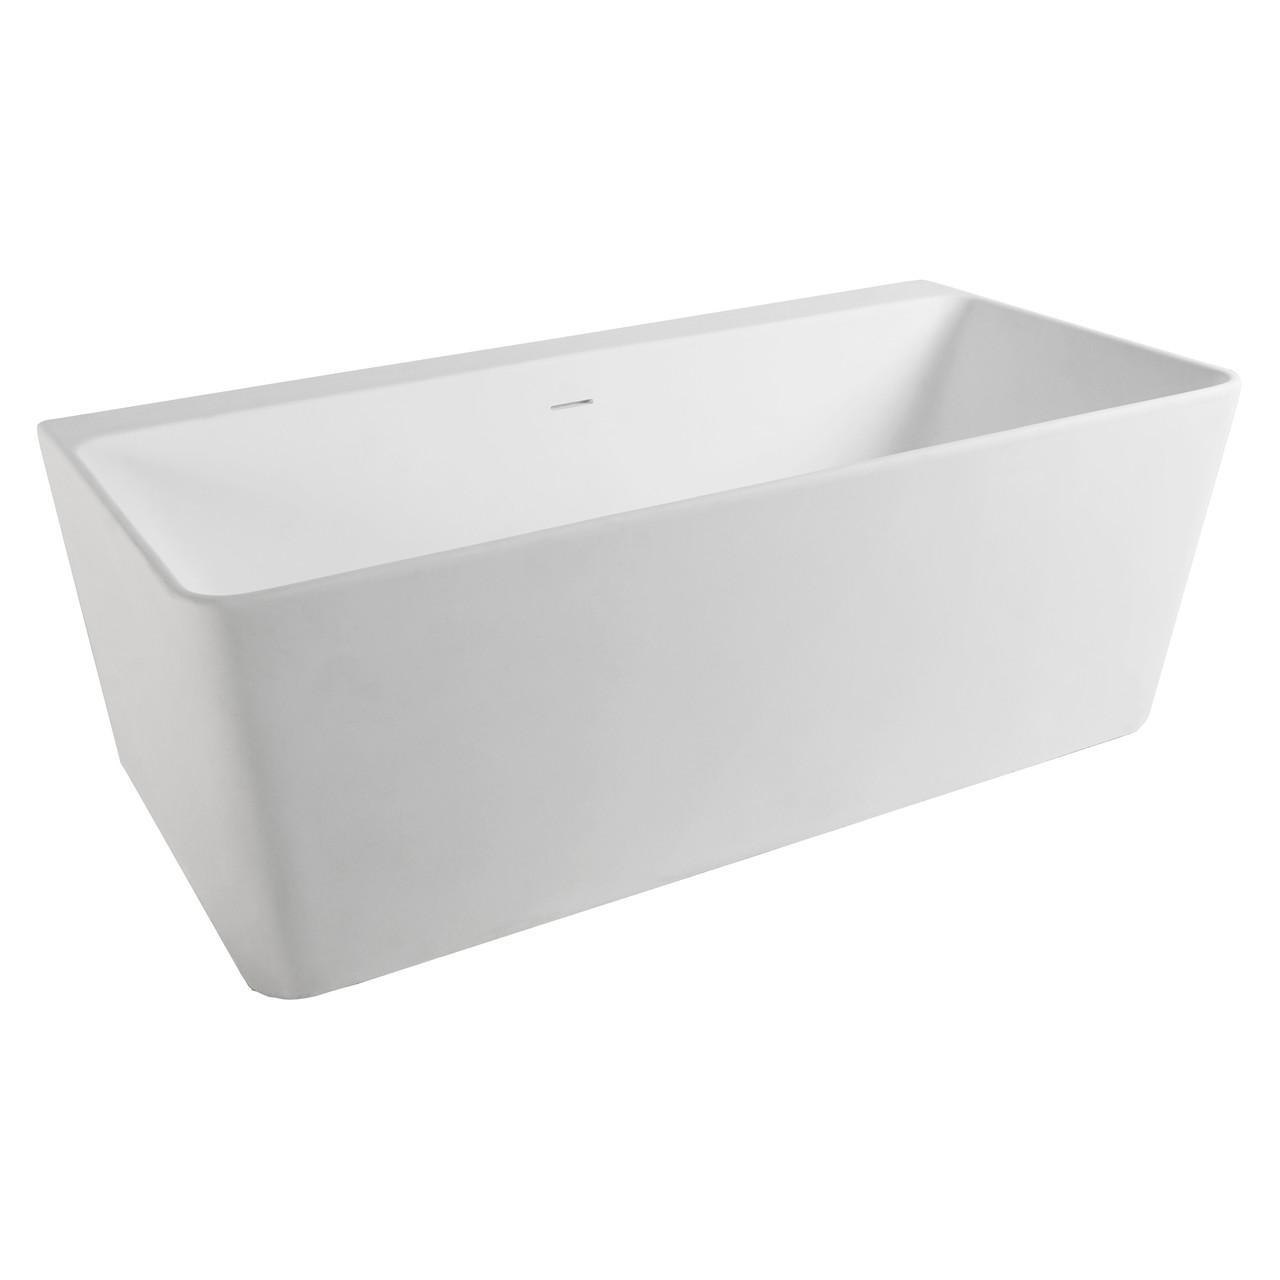 Ванна VOLLE 165x80x59 см окремостояча / пристінна кам'яна Solid surface